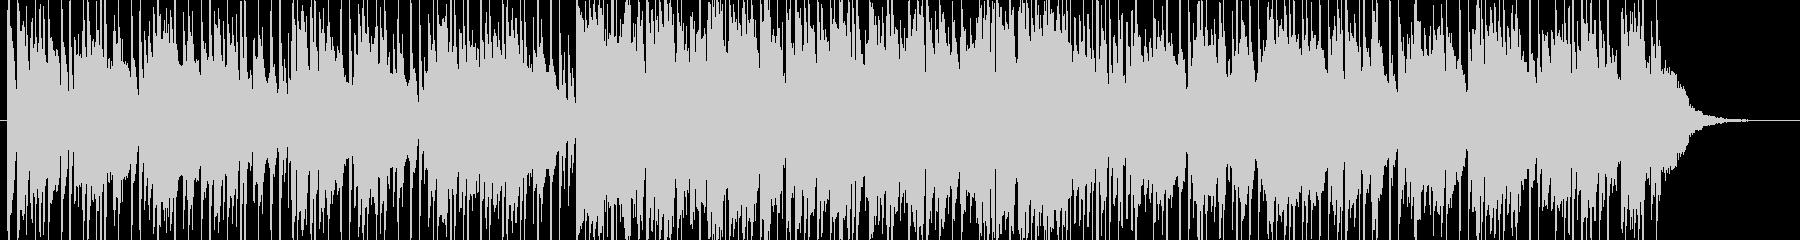 切ない雰囲気のピアノ曲ですの未再生の波形